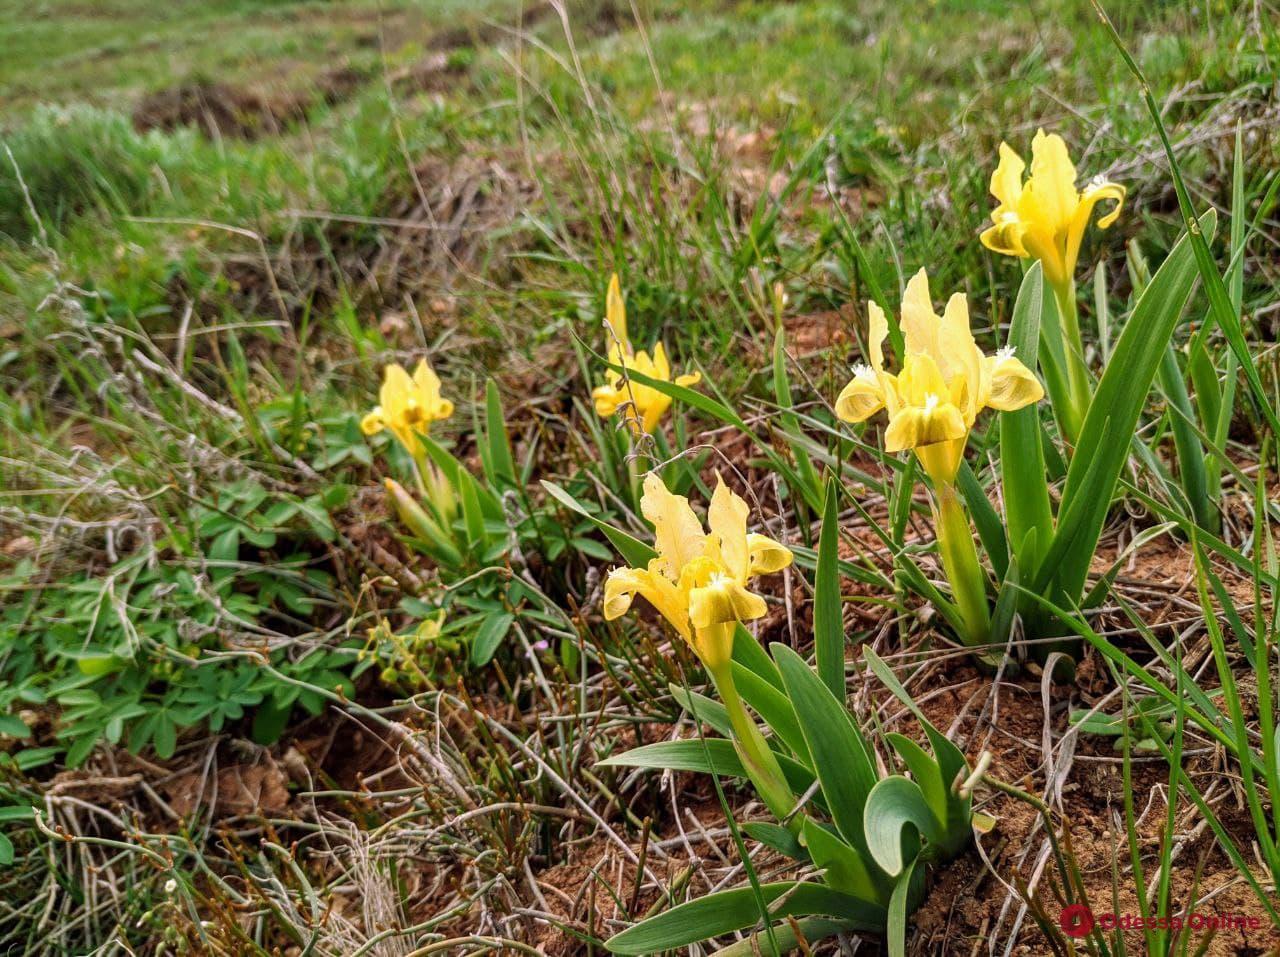 Цветущий и безлюдный: фоторепортаж с весеннего Куяльника